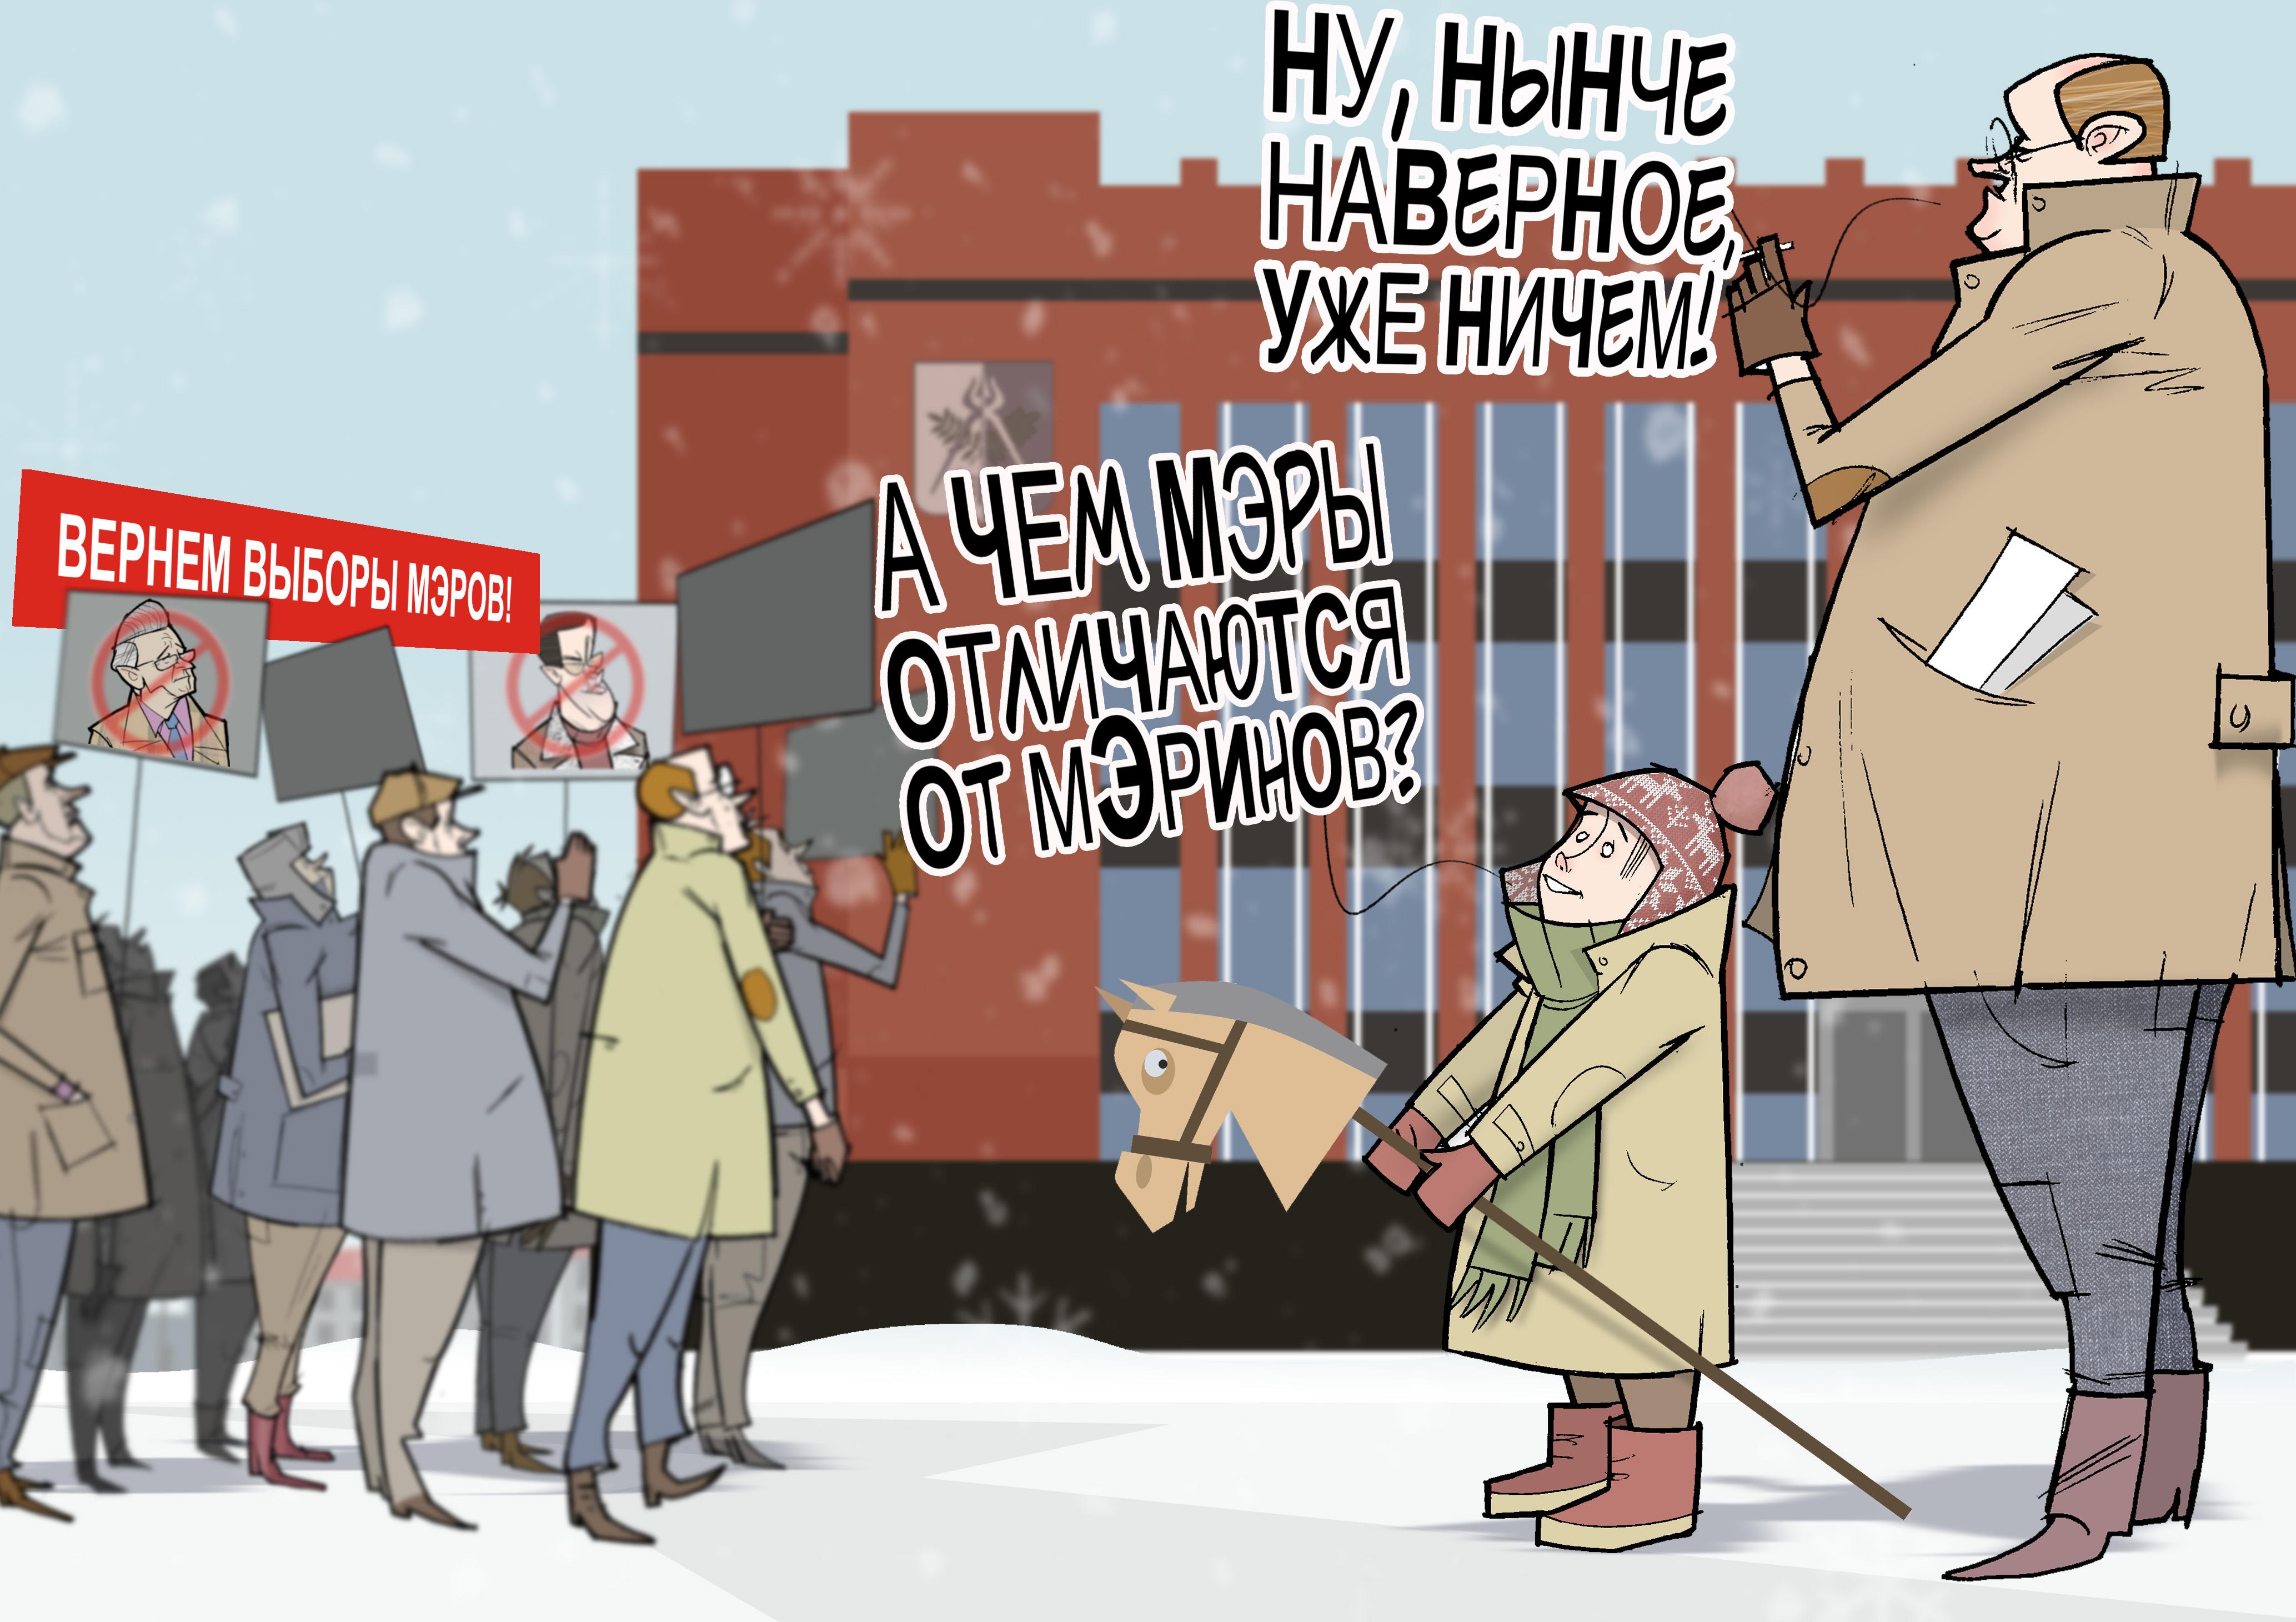 """Чем мэры отличаются от мЭринов? #МестноеСамоуправление #Ижевск #Удмуртия © Газета """"День"""" 2014"""